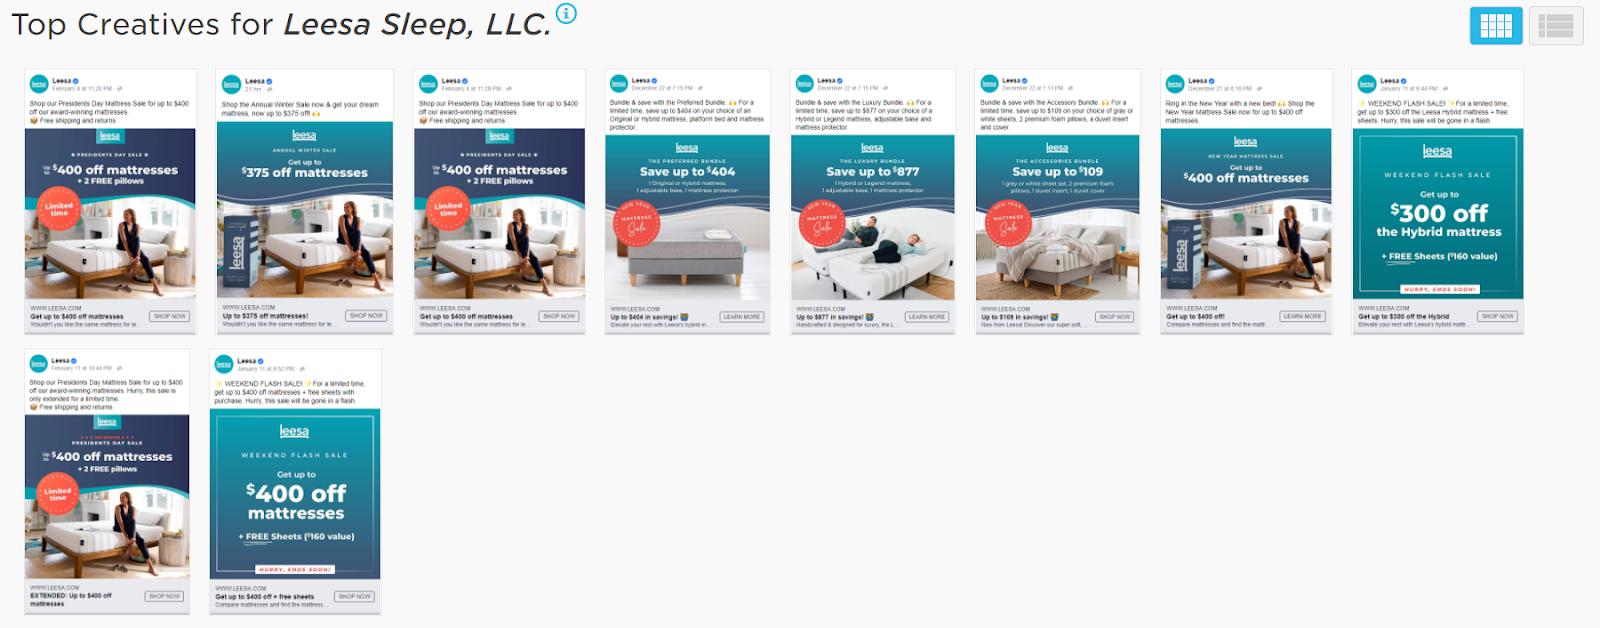 Leesa Sleep digital ads from Pathmatics Explorer